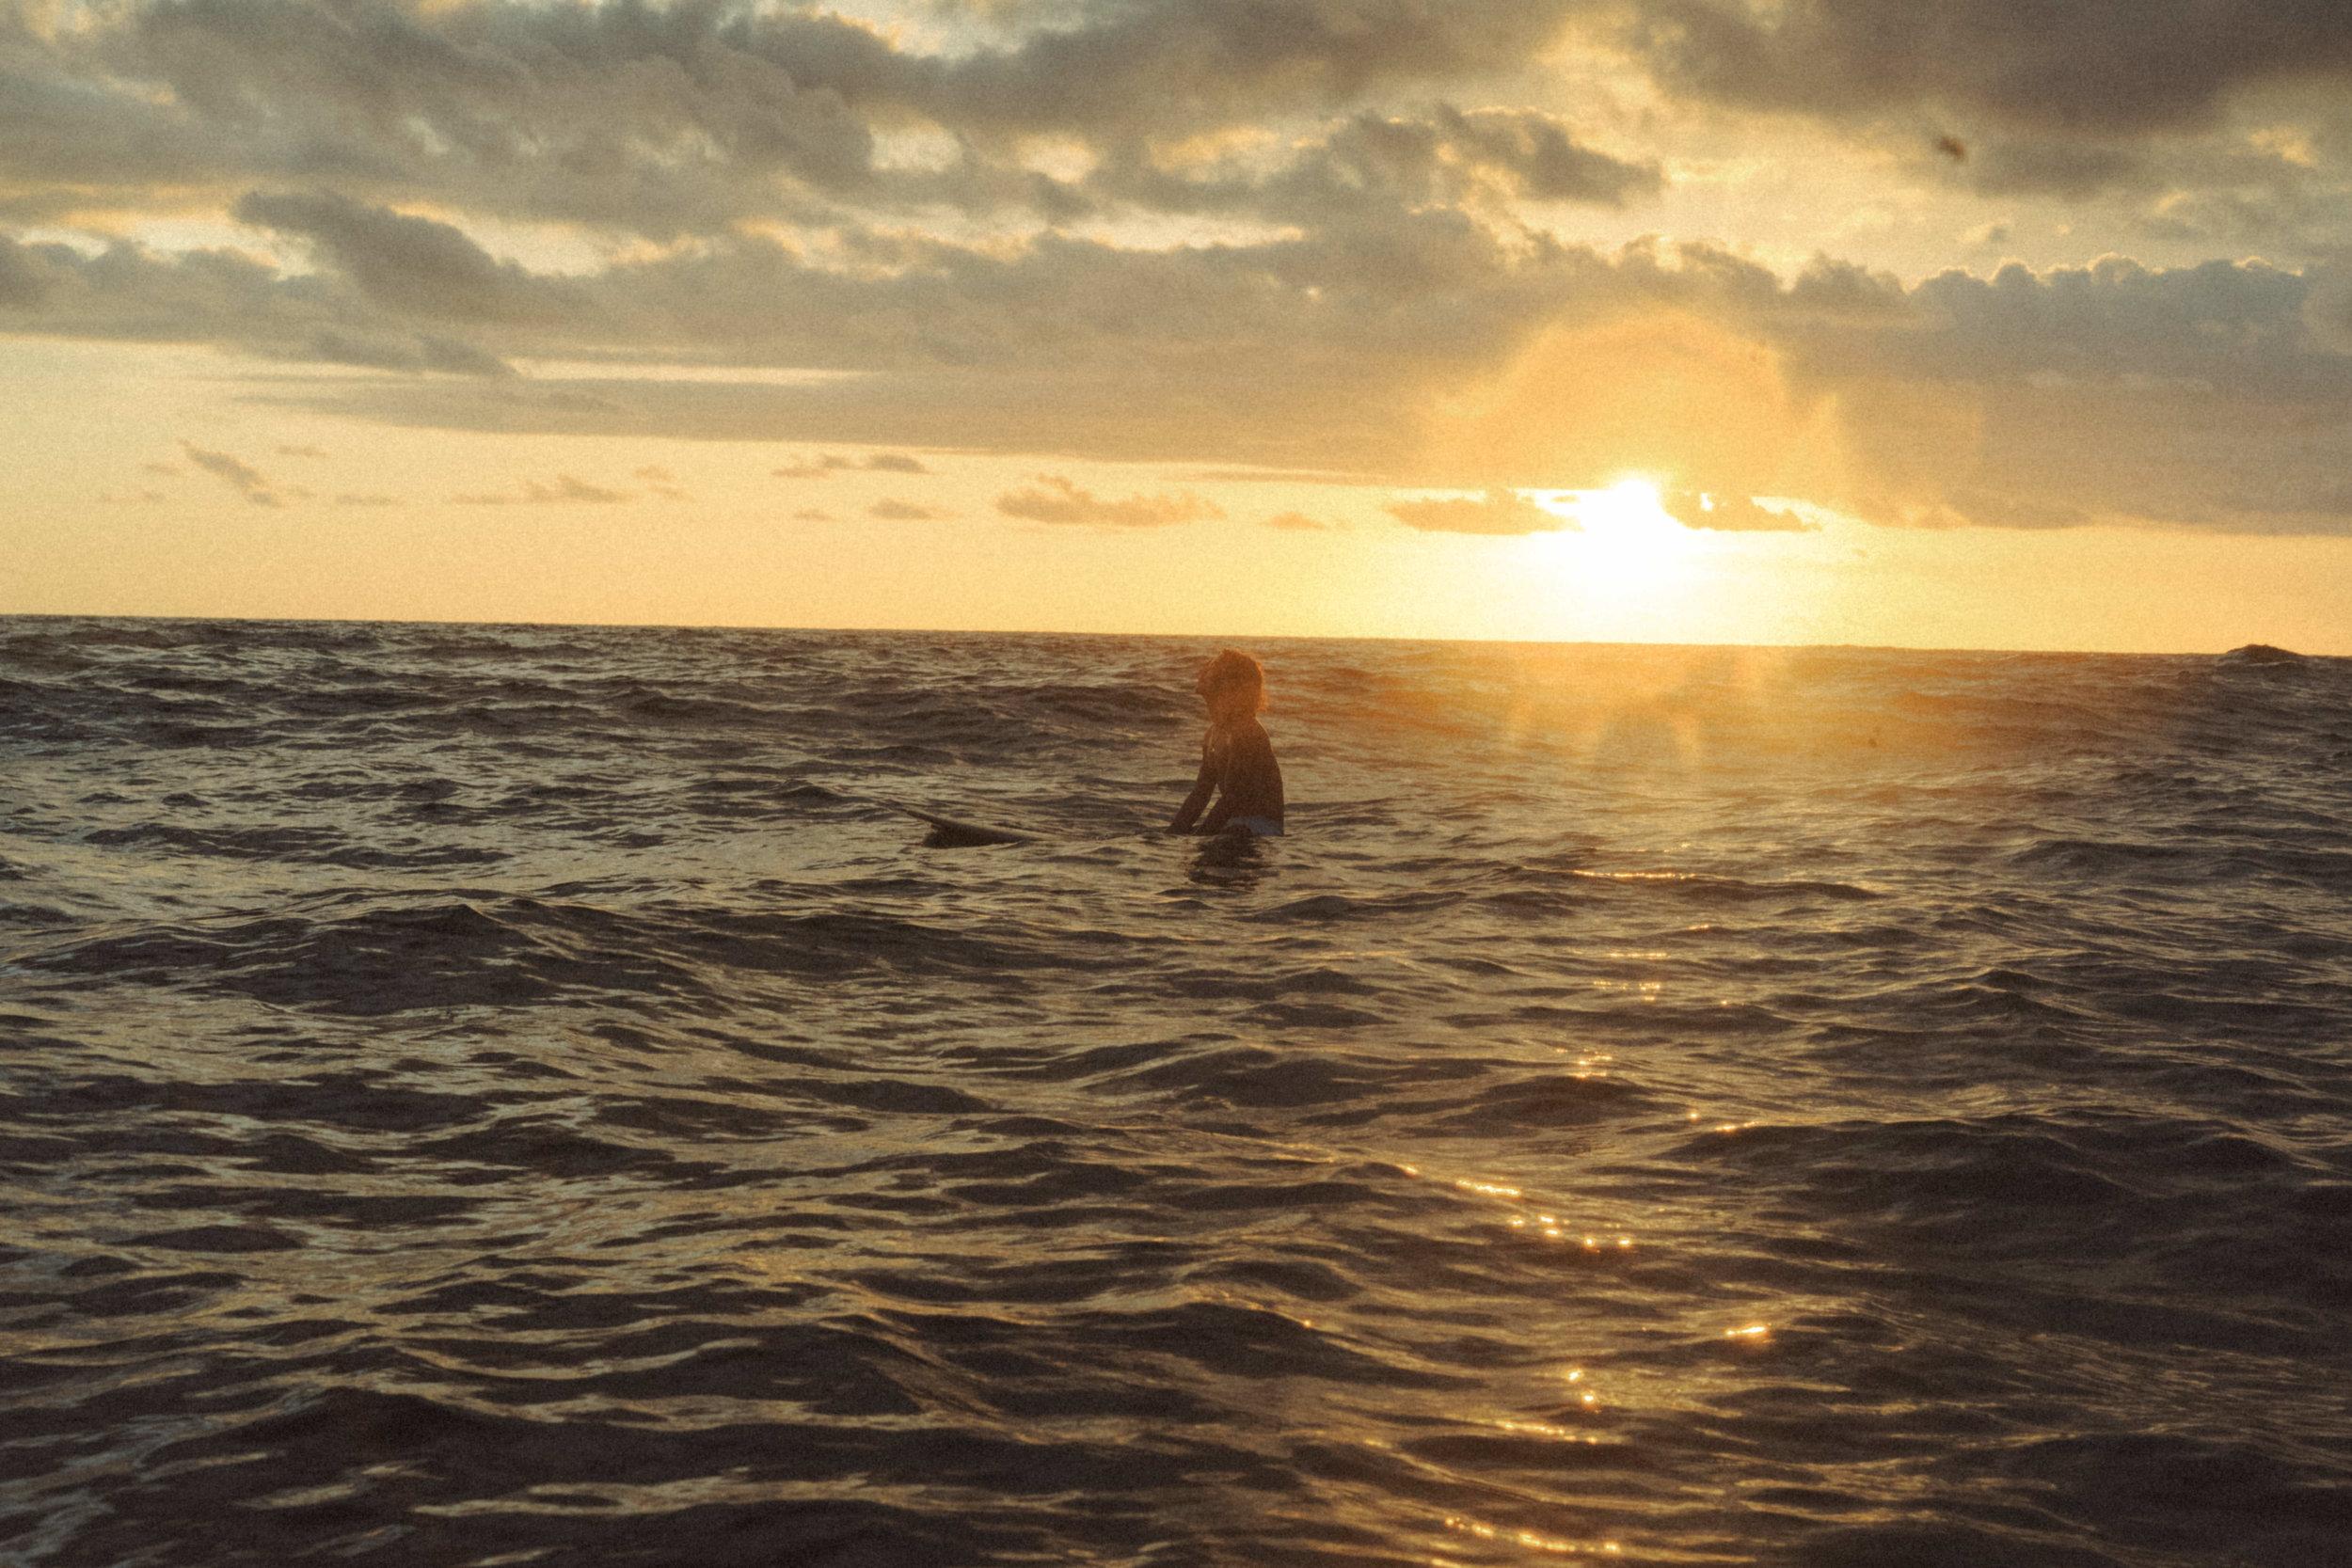 erik_winter_surf_surfing_10.jpg